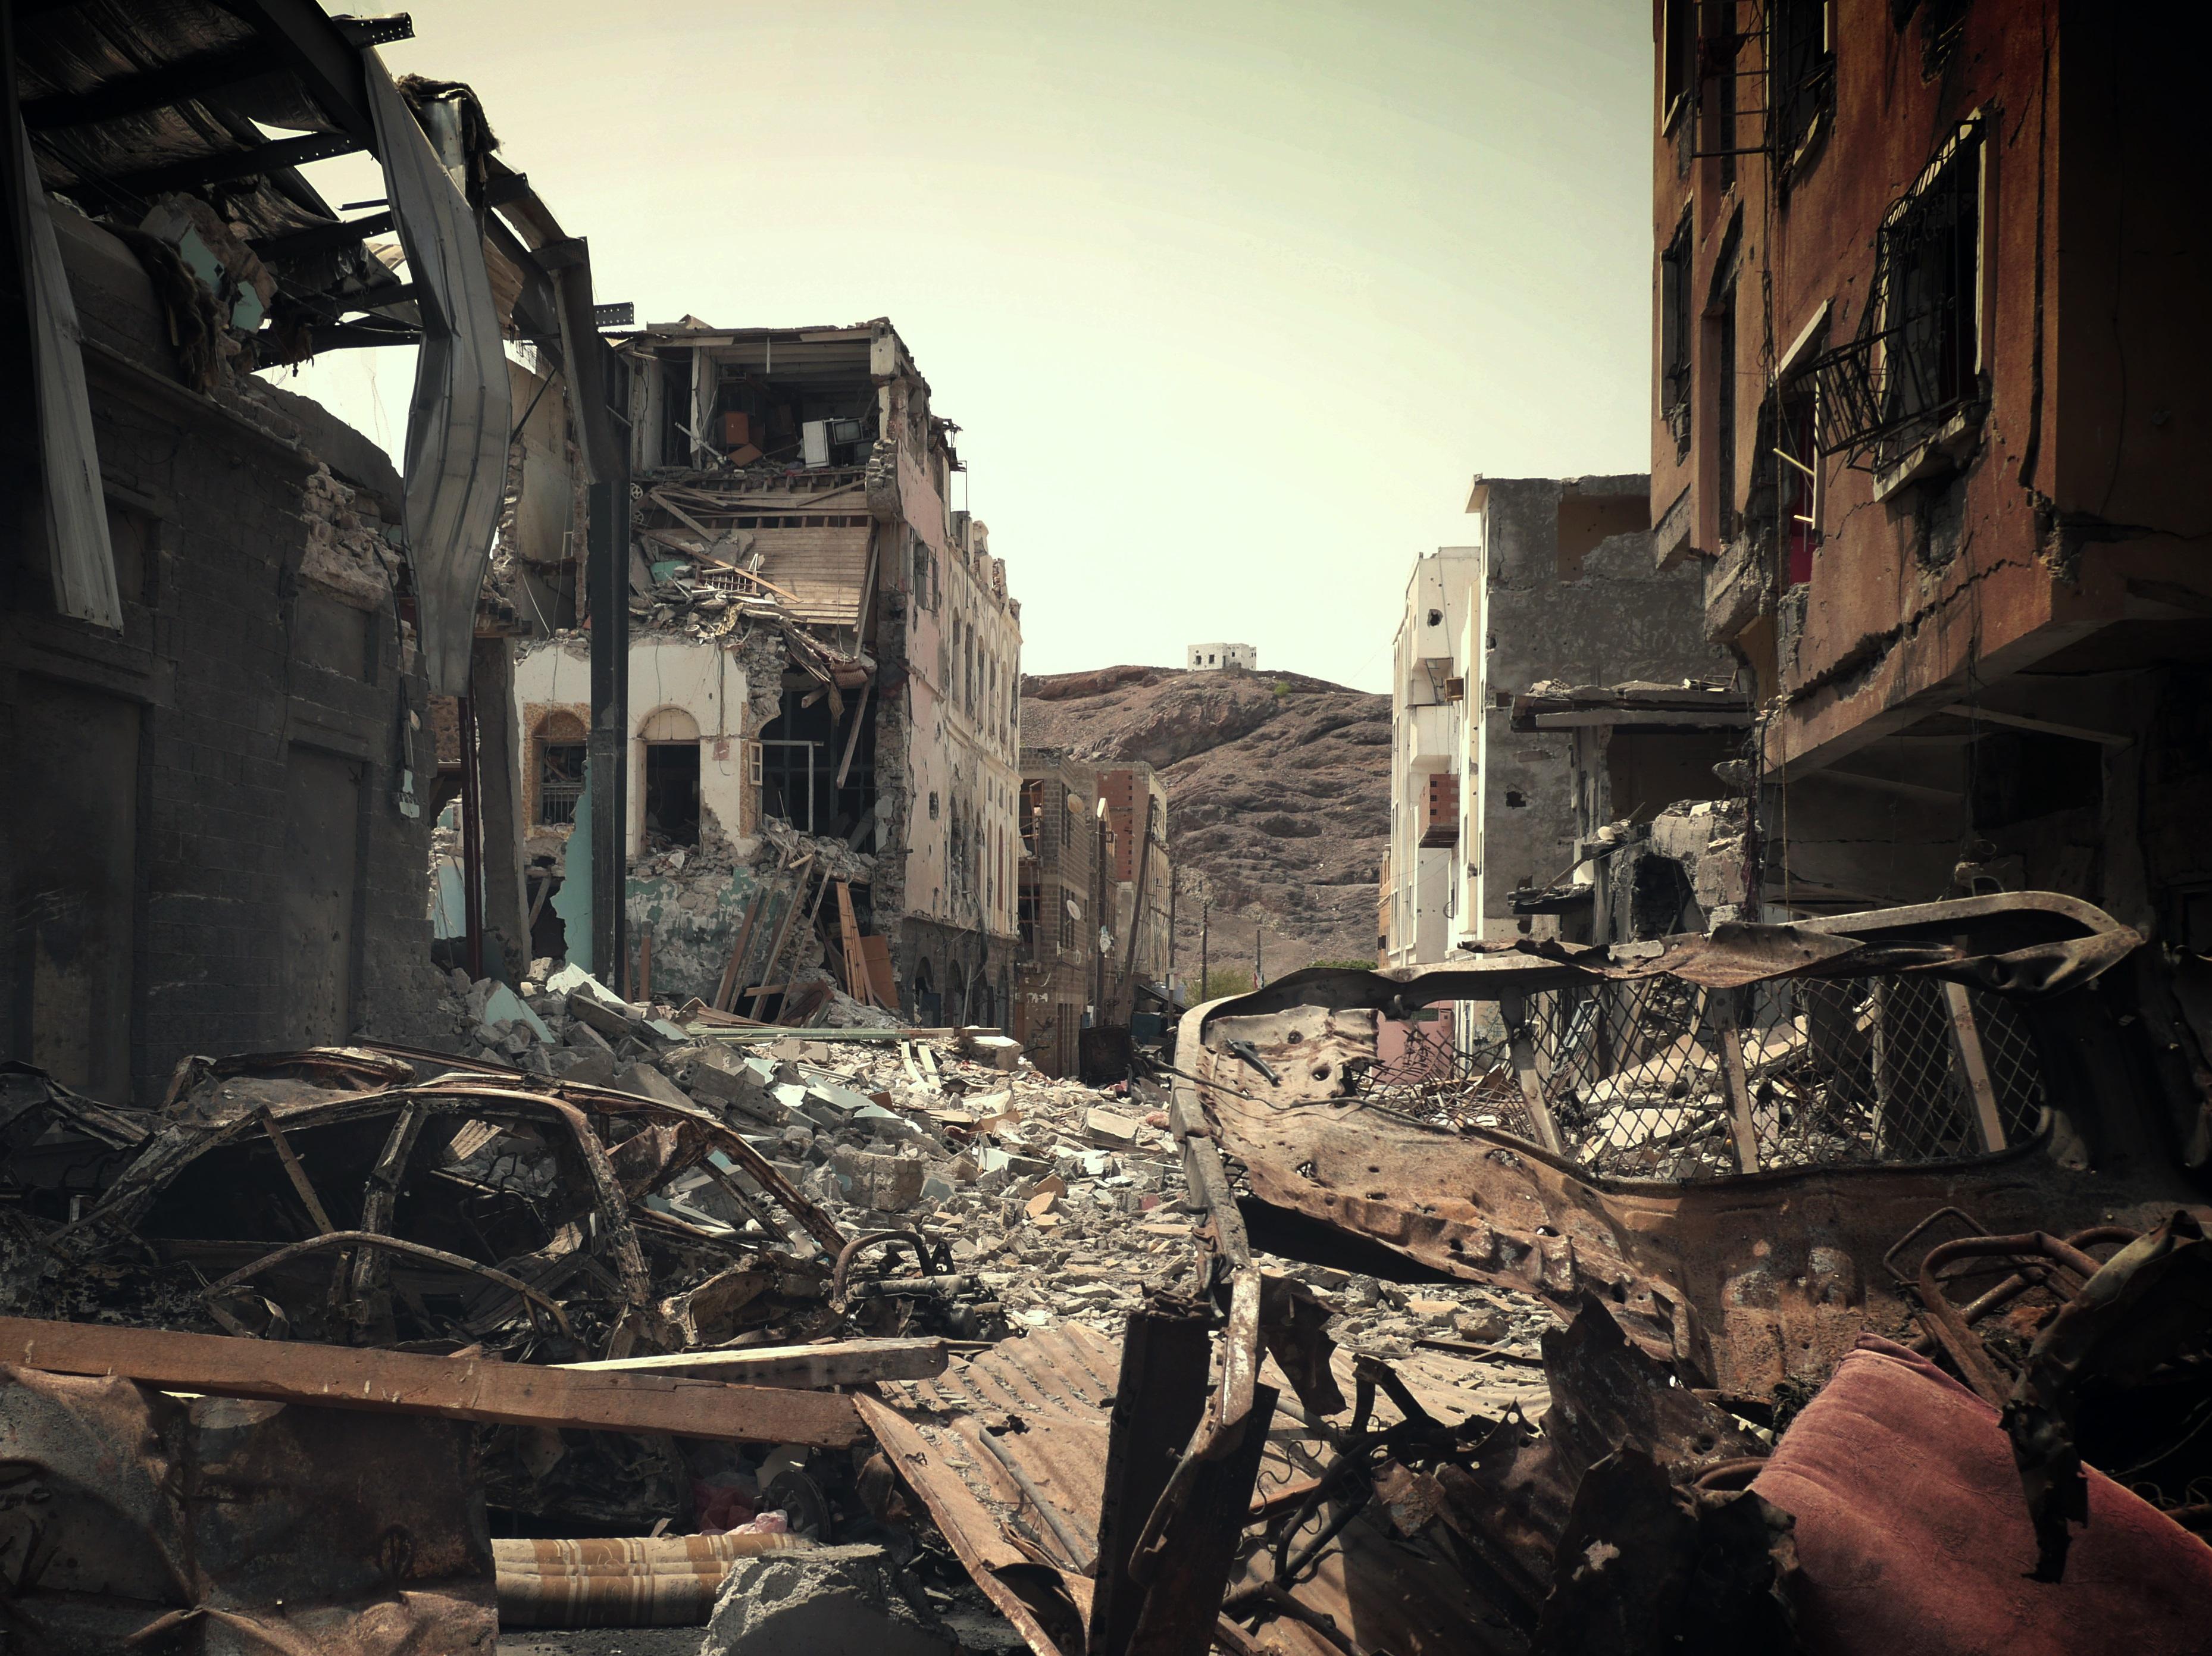 StoryMapJS: Civilian deaths evidence of war crimes in Yemen